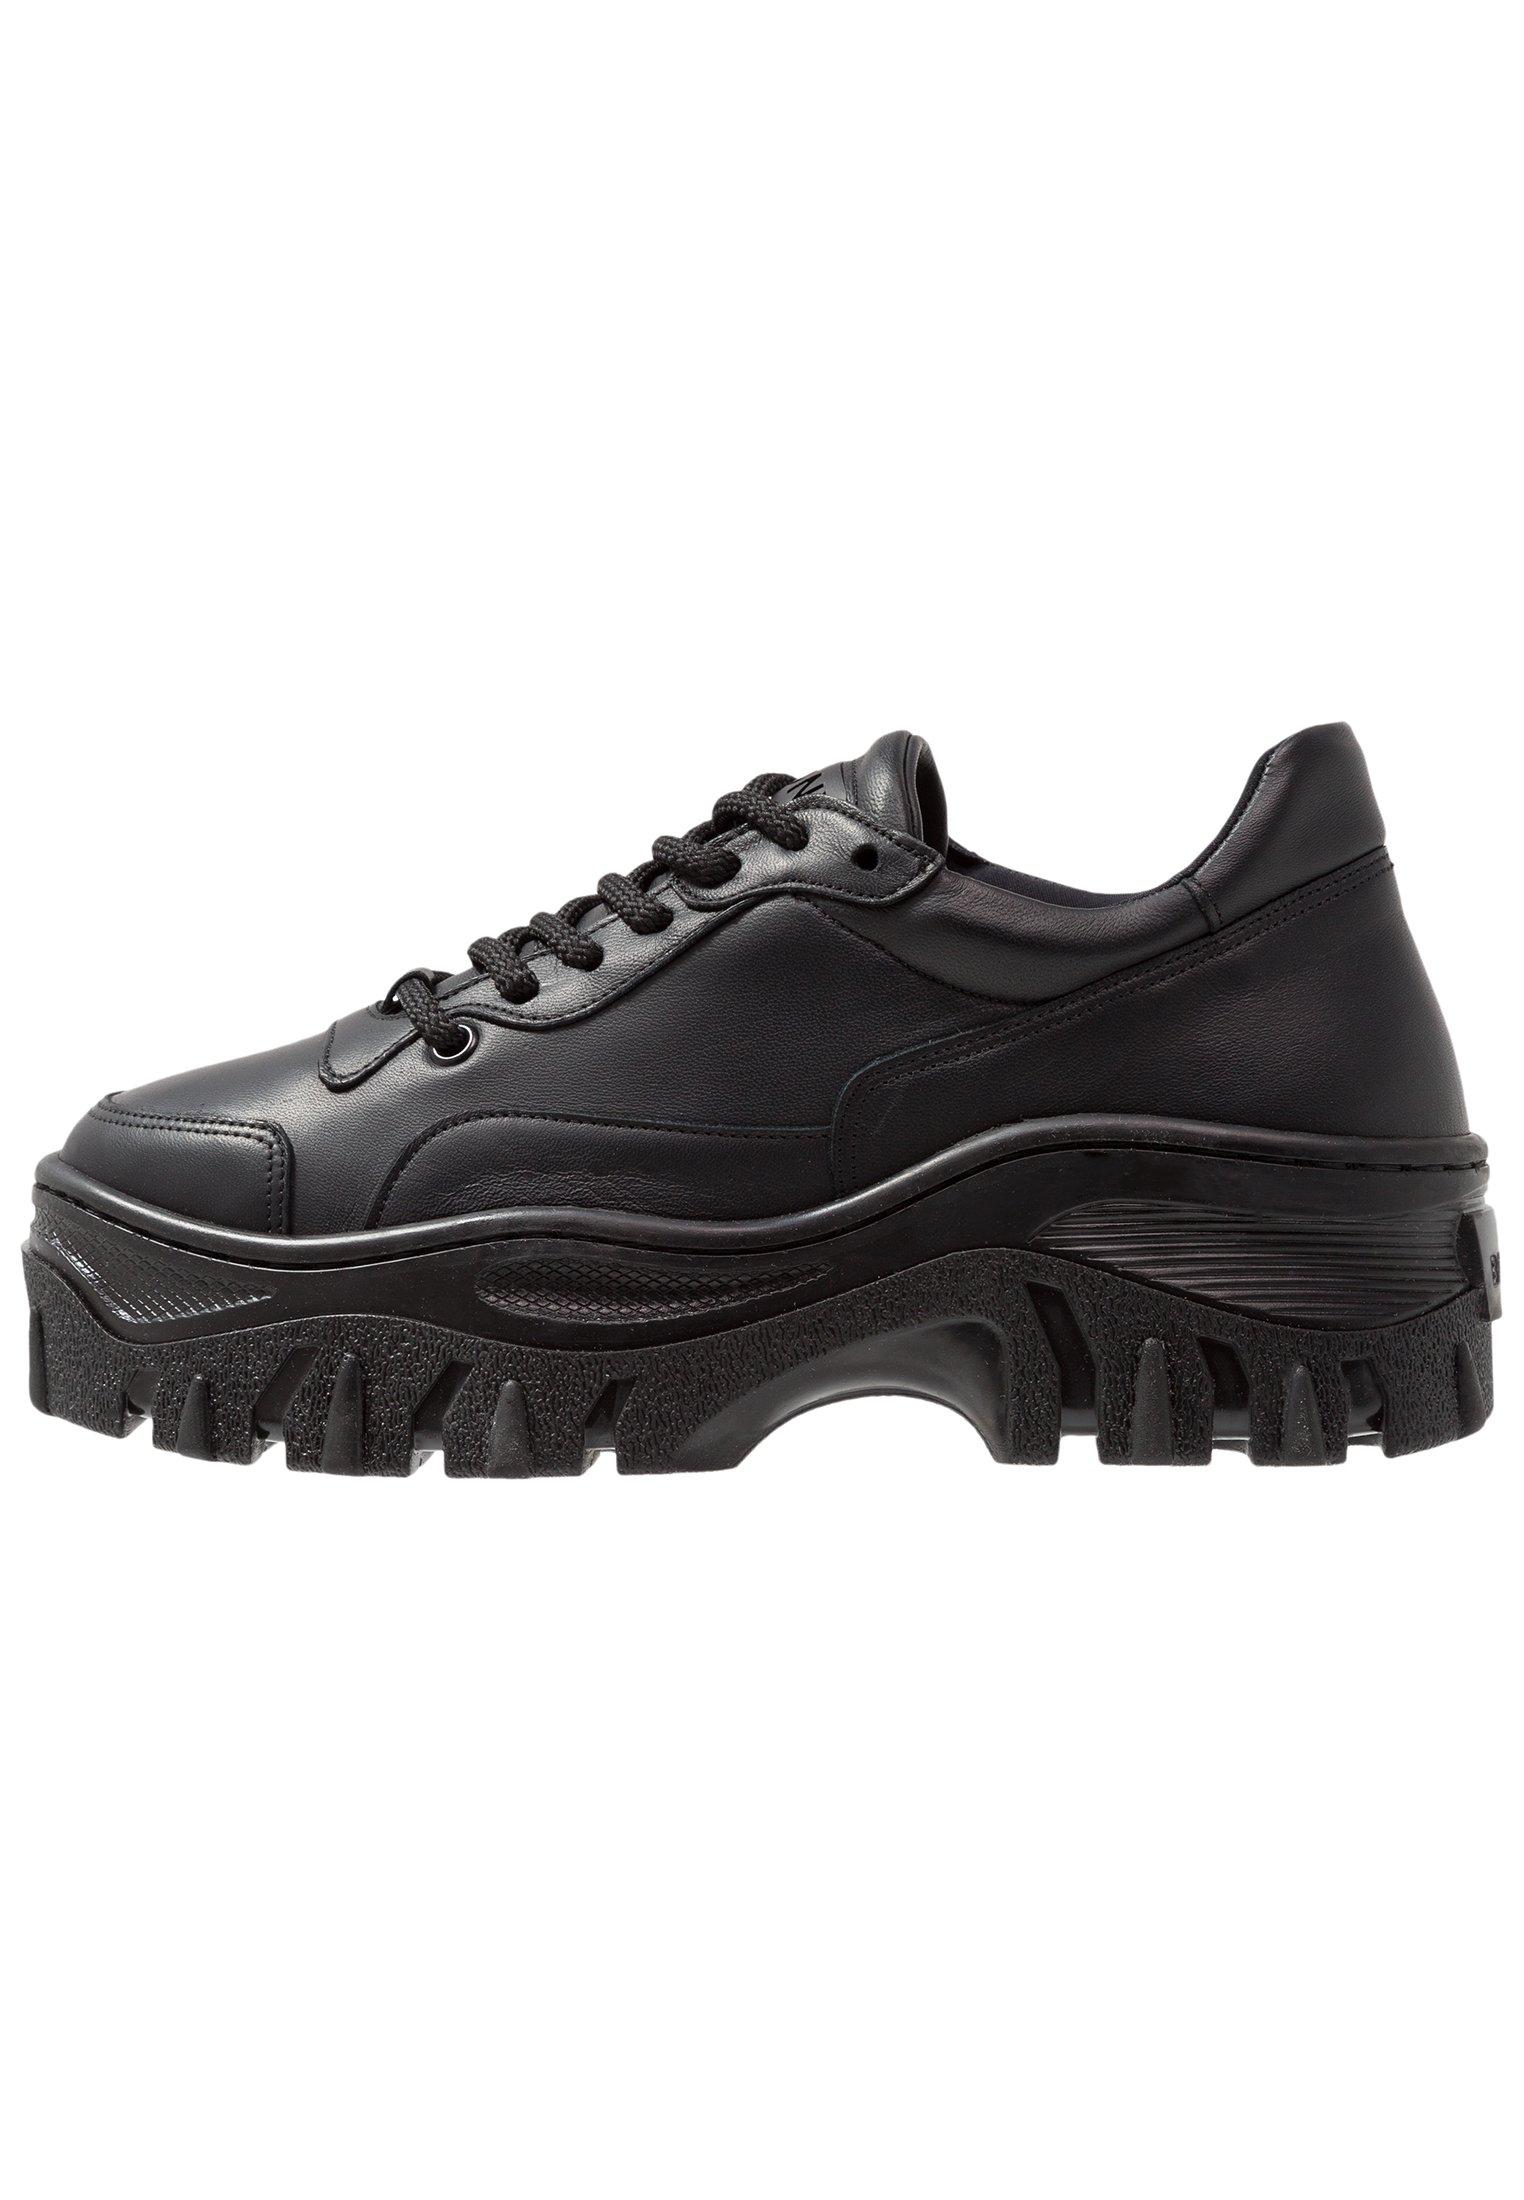 Bronx Jaxstar - Sneakers Basse Beige 57lKa